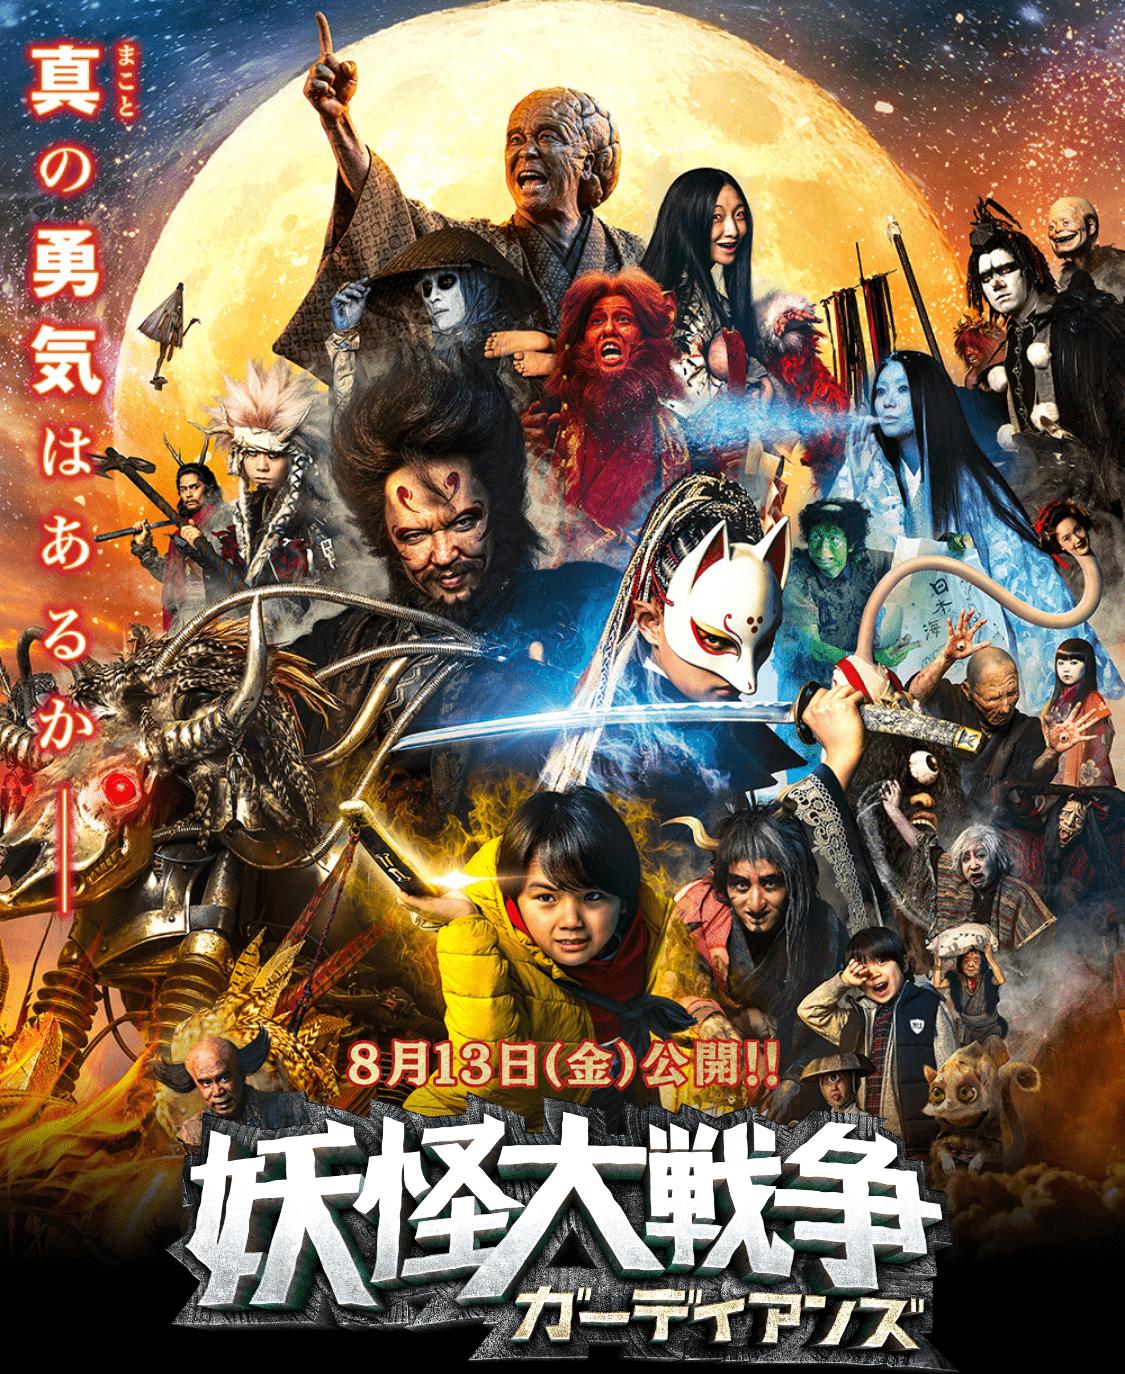 8月13日(金)公開!!妖怪大戦争 ガーディアンズ